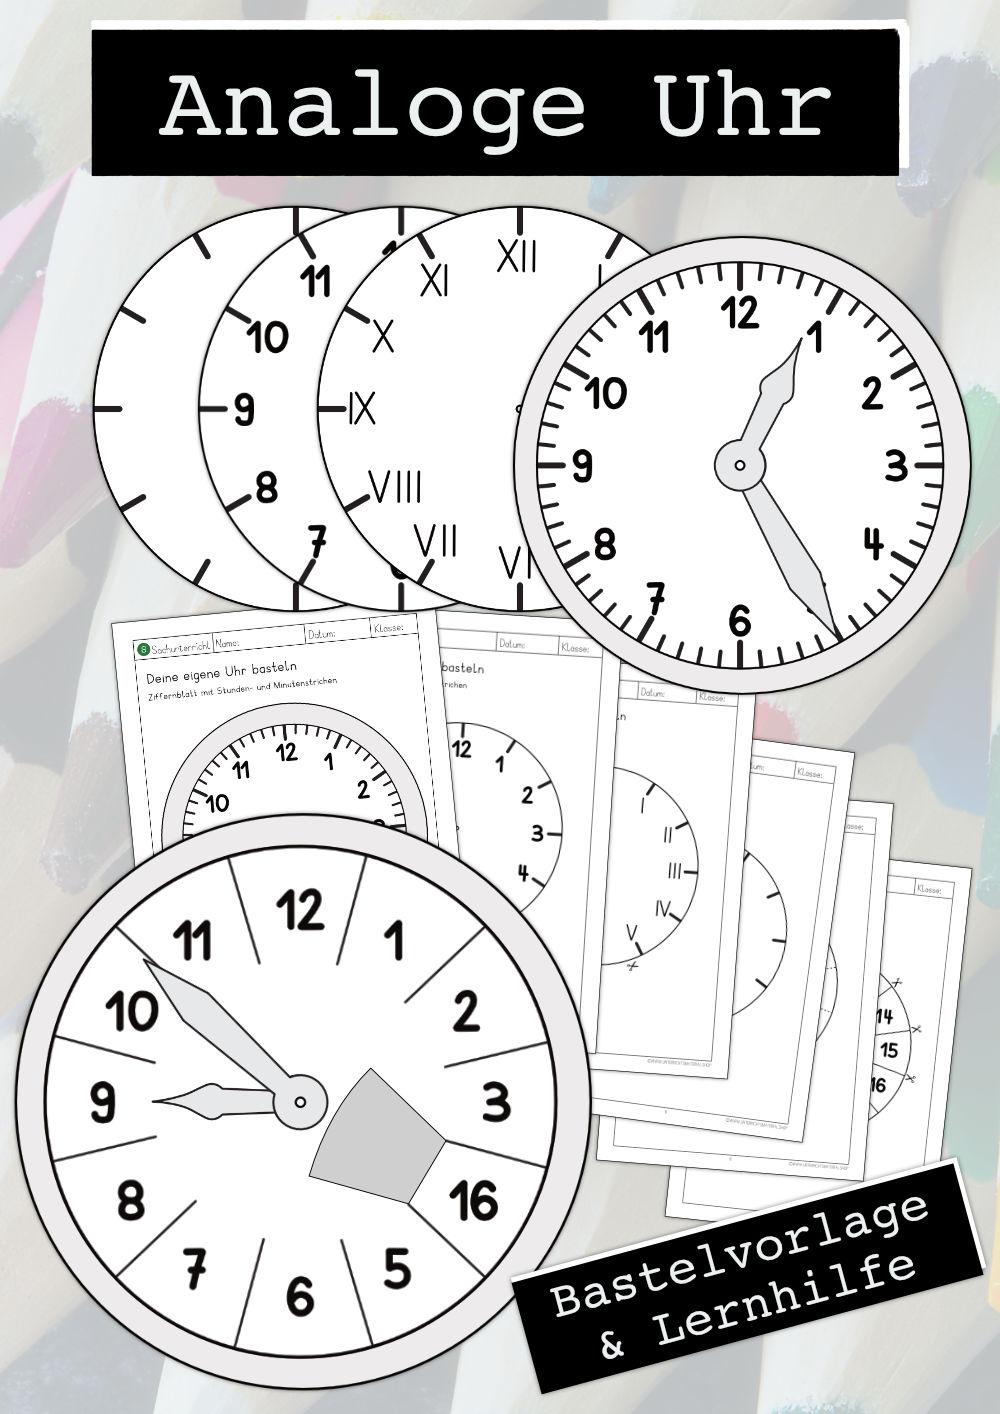 Analoge Uhr Basteln Verstehen Bastelvorlage Lernhilfe Unterrichtsmaterial In Den Fachern Daz Daf Kita Kunst Uhrzeit Grundschule Uhrzeit Lernen Uhr Lernen Kinder